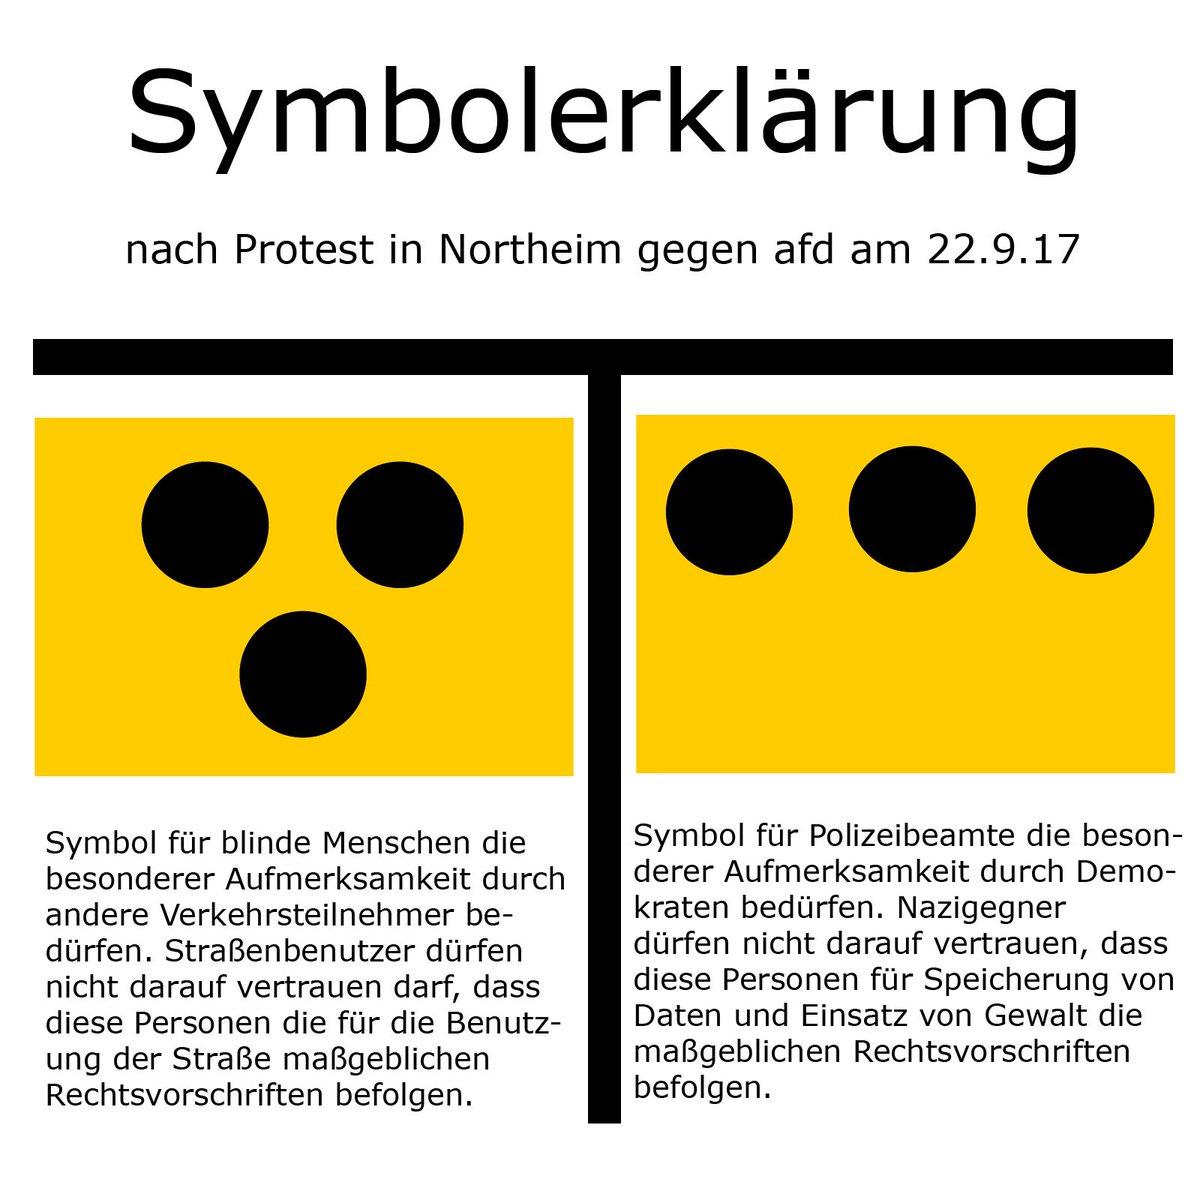 MFG an Satiriker L. der BFE #Göttingen  http://www. goettinger-tageblatt.de/Bilder/Fotostr ecken/2017/9/AfD-Wahlkampfkundgebung-in-Northeim#n25784616-p8 &nbsp; …    Was .@gjgoettingen schrieb gilt  http:// gj-goettingen.de/wp-content/upl oads/2014/04/Offener-Brief-BFE_Abschaffen.pdf &nbsp; …  #northeim #höcke<br>http://pic.twitter.com/X1YyU3SA2x